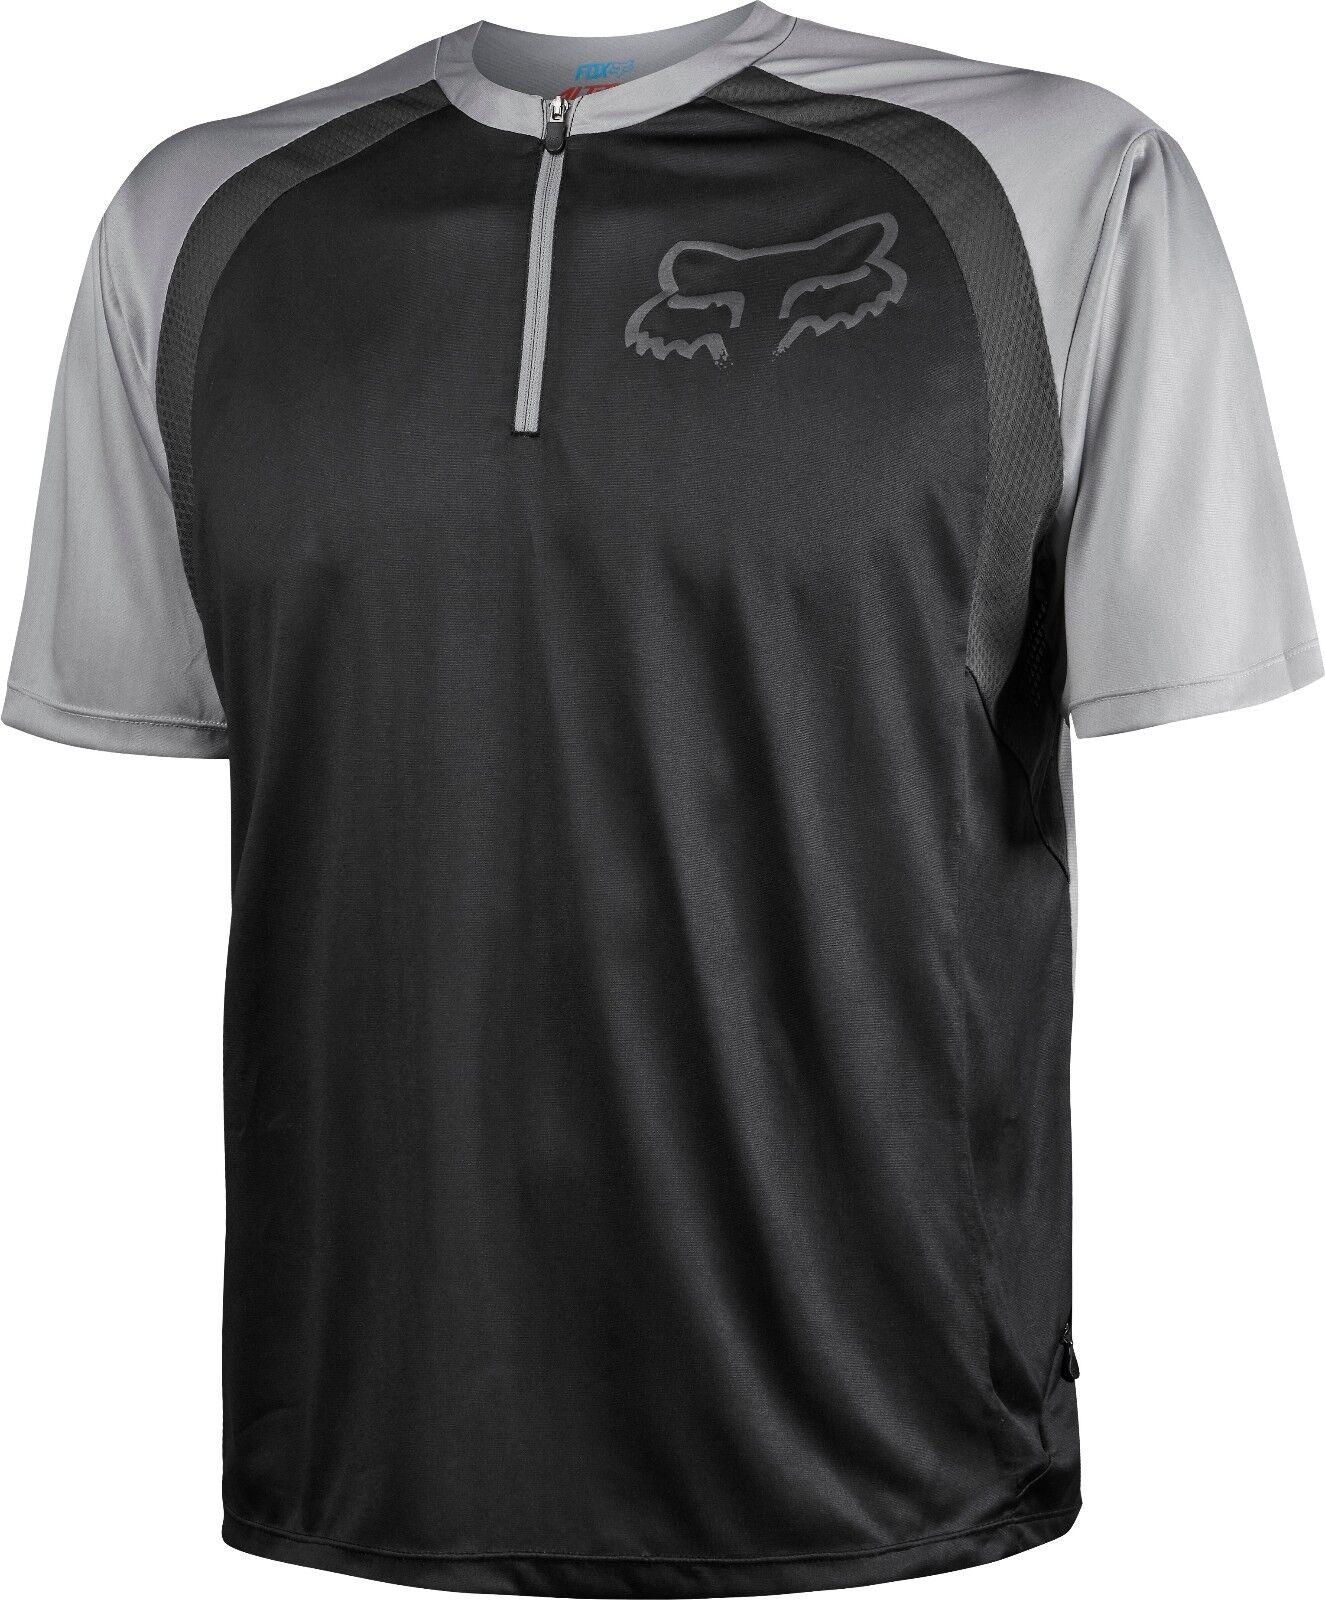 Fox Racing Altitude ss Jersey grigio